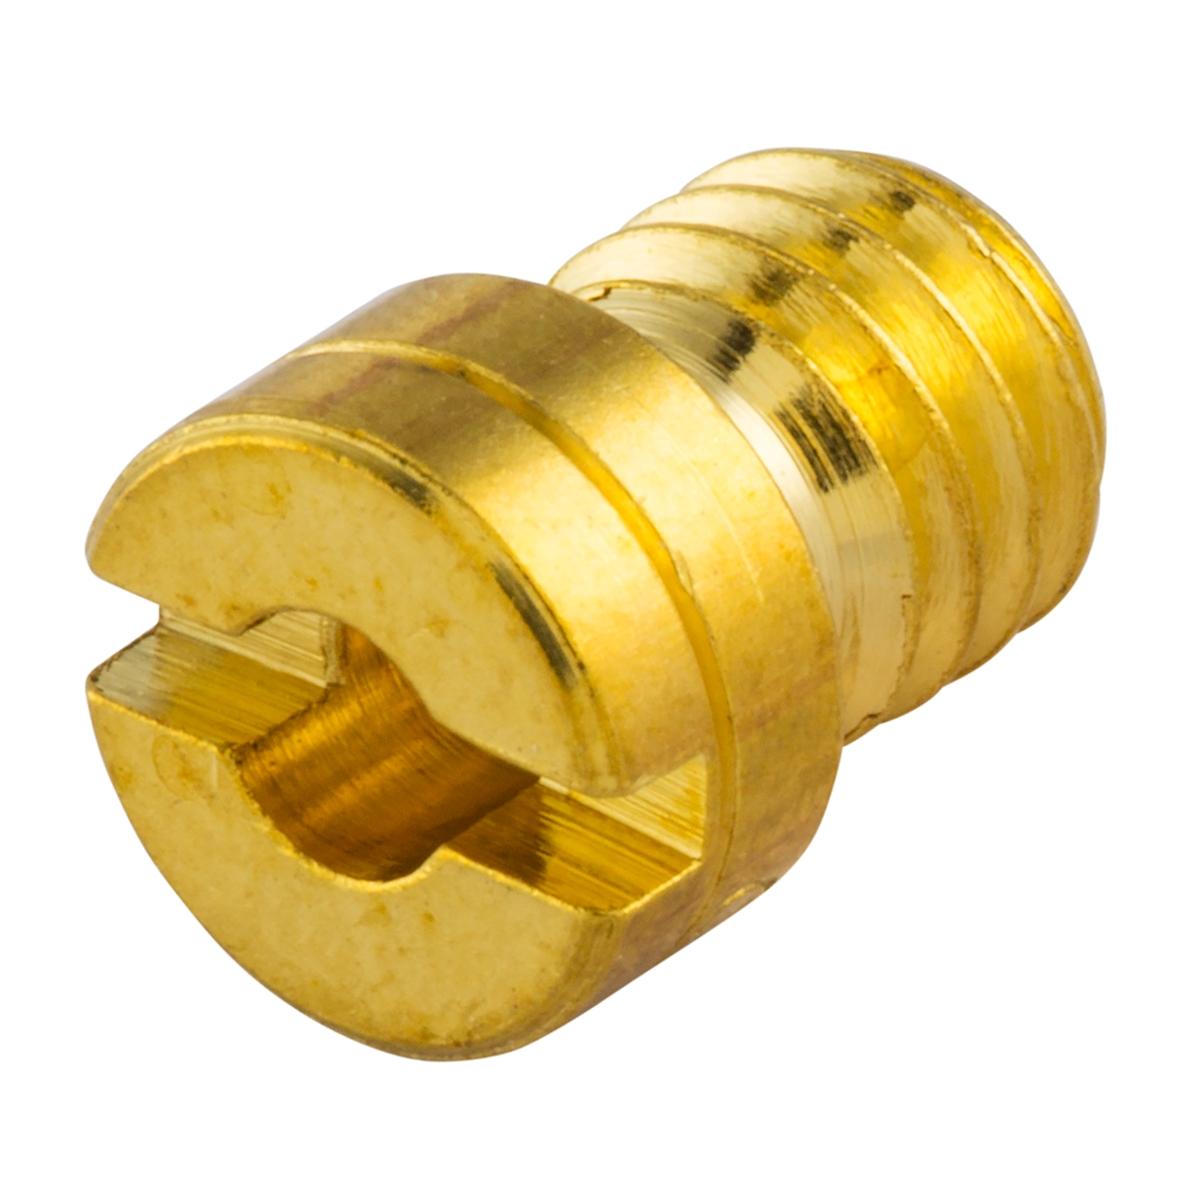 Produktbild für 'Hauptdüse 125 Ø 5 mm'